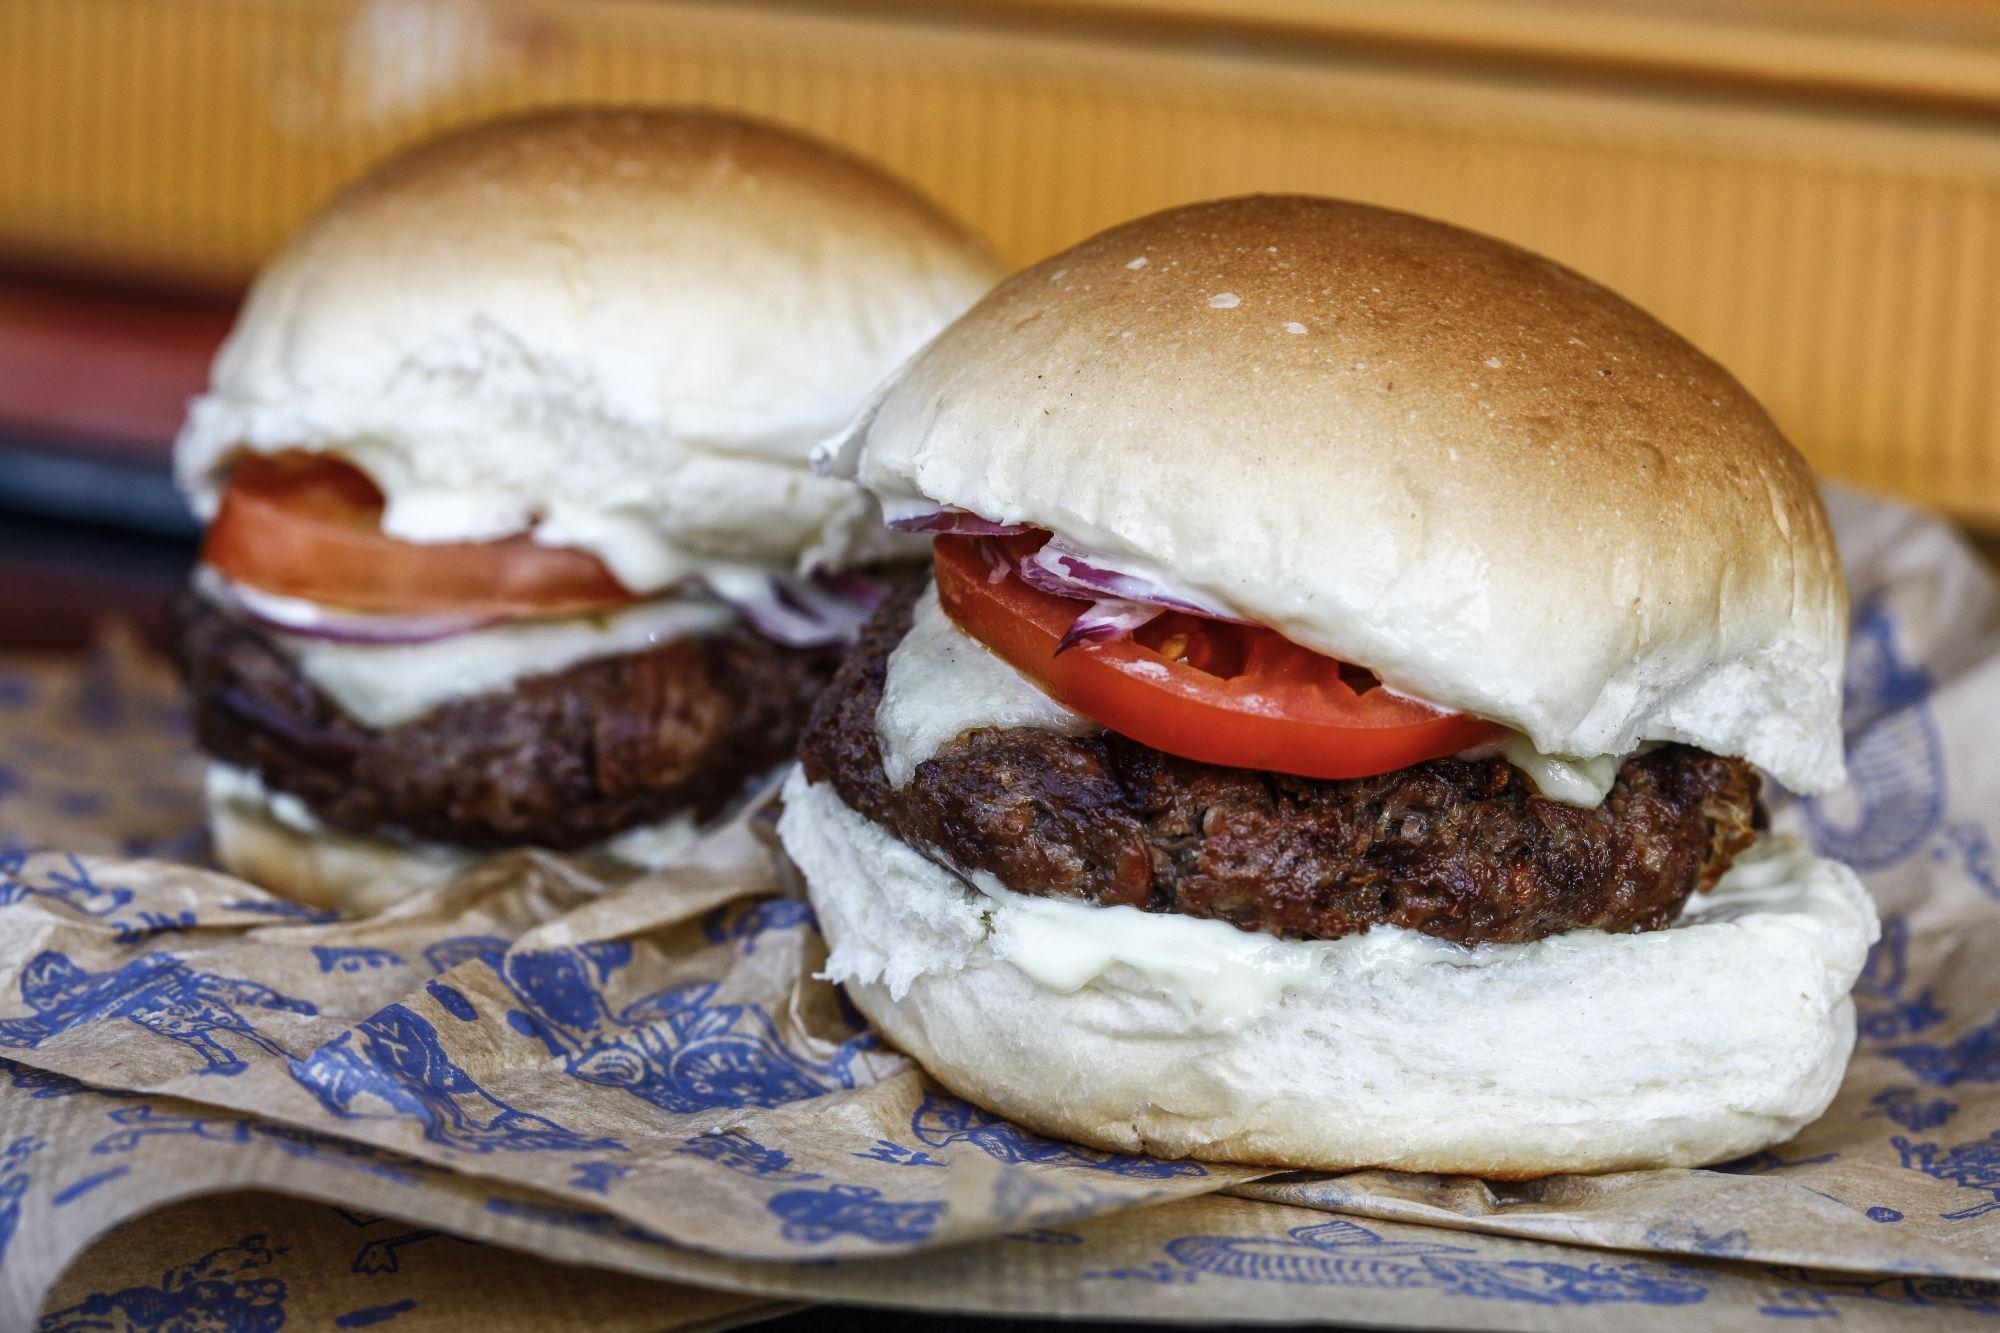 Famosa hamburgueria abre nova unidade com sanduíche a R$ 1 e sorteio de viagem a NY